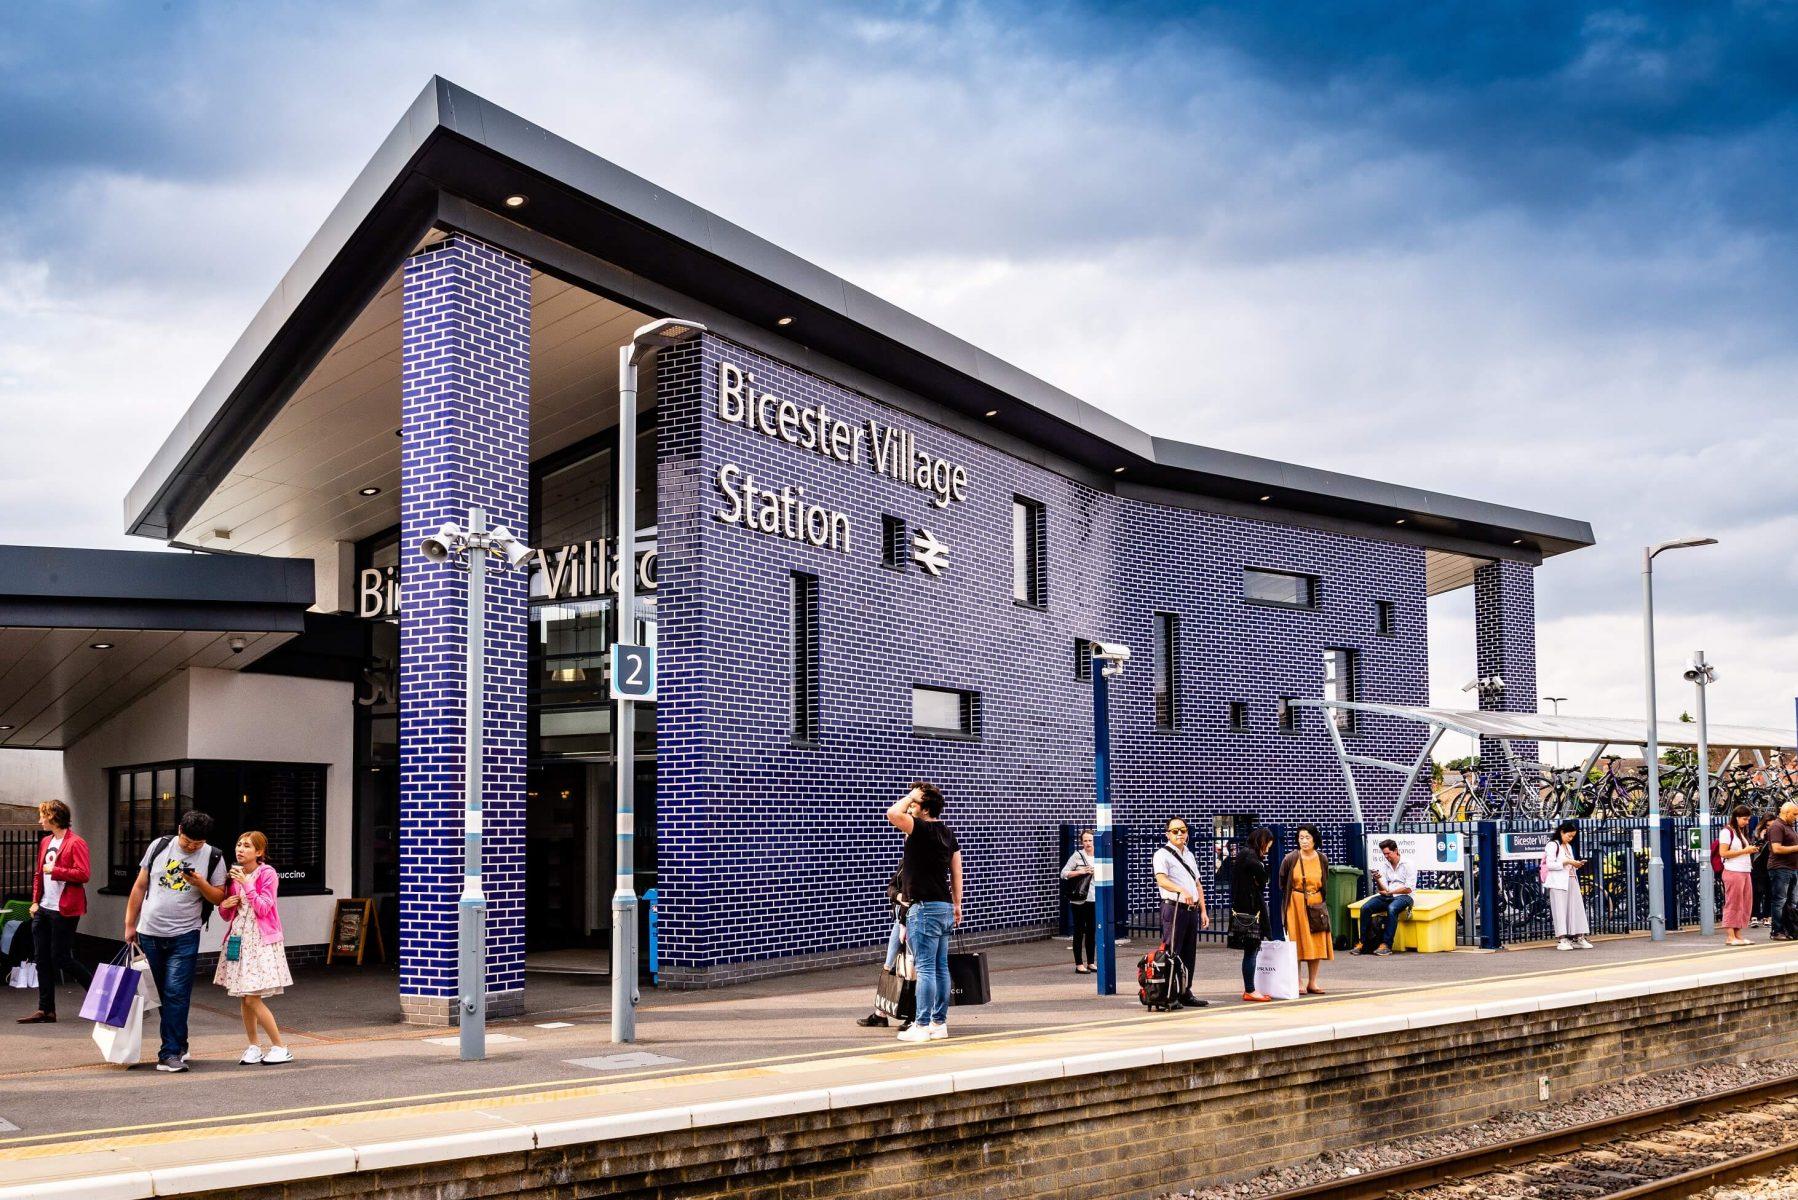 bicester village station